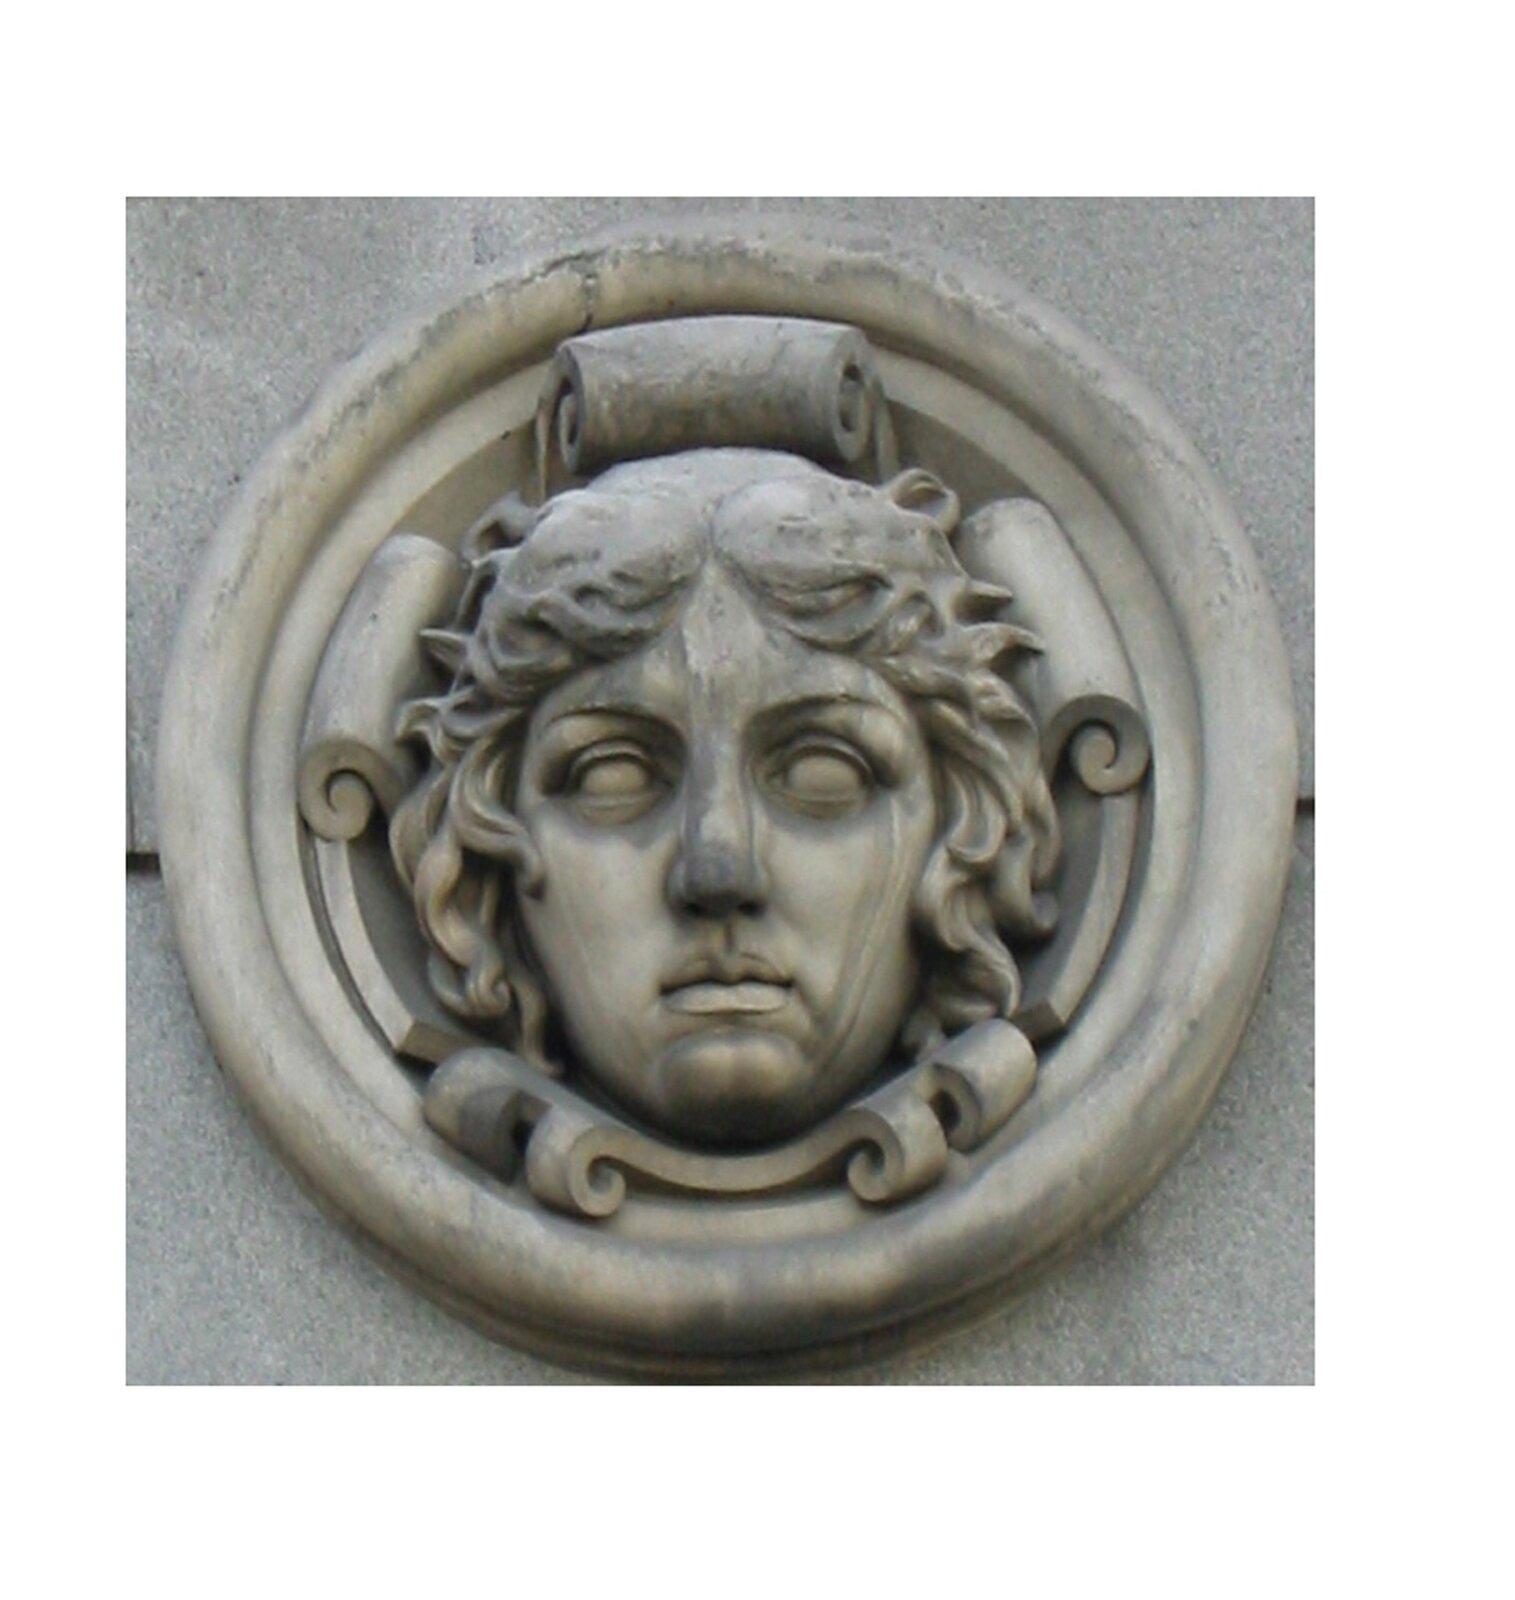 Ilustracja przedstawia ornament – medalion. Ten element dekoracyjny przedstawia twarz młodej kobiety zkrótkimi kręconymi włosami. Element ten jest okrągły iznajduje się prawdopodobnie na ścianie.